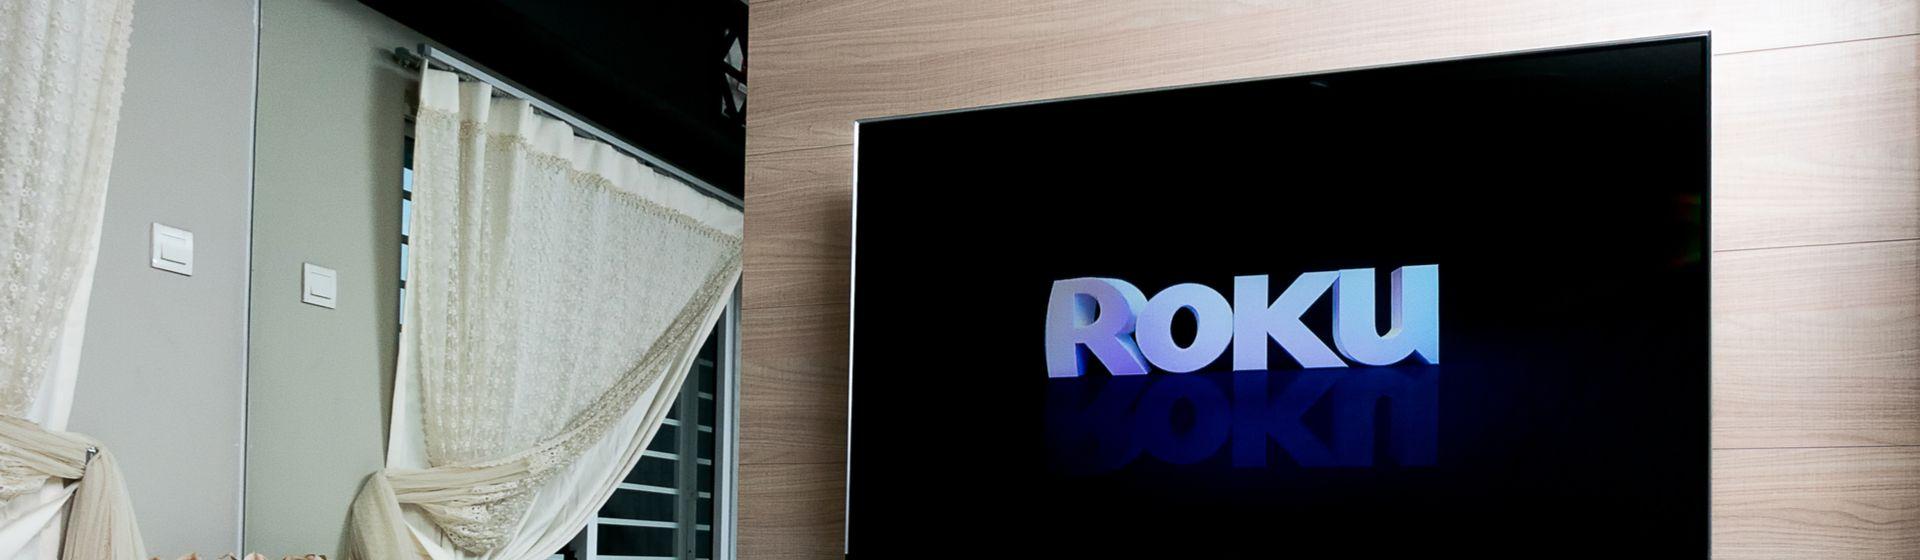 Roku TV Philco é boa? Veja a análise de ficha técnica